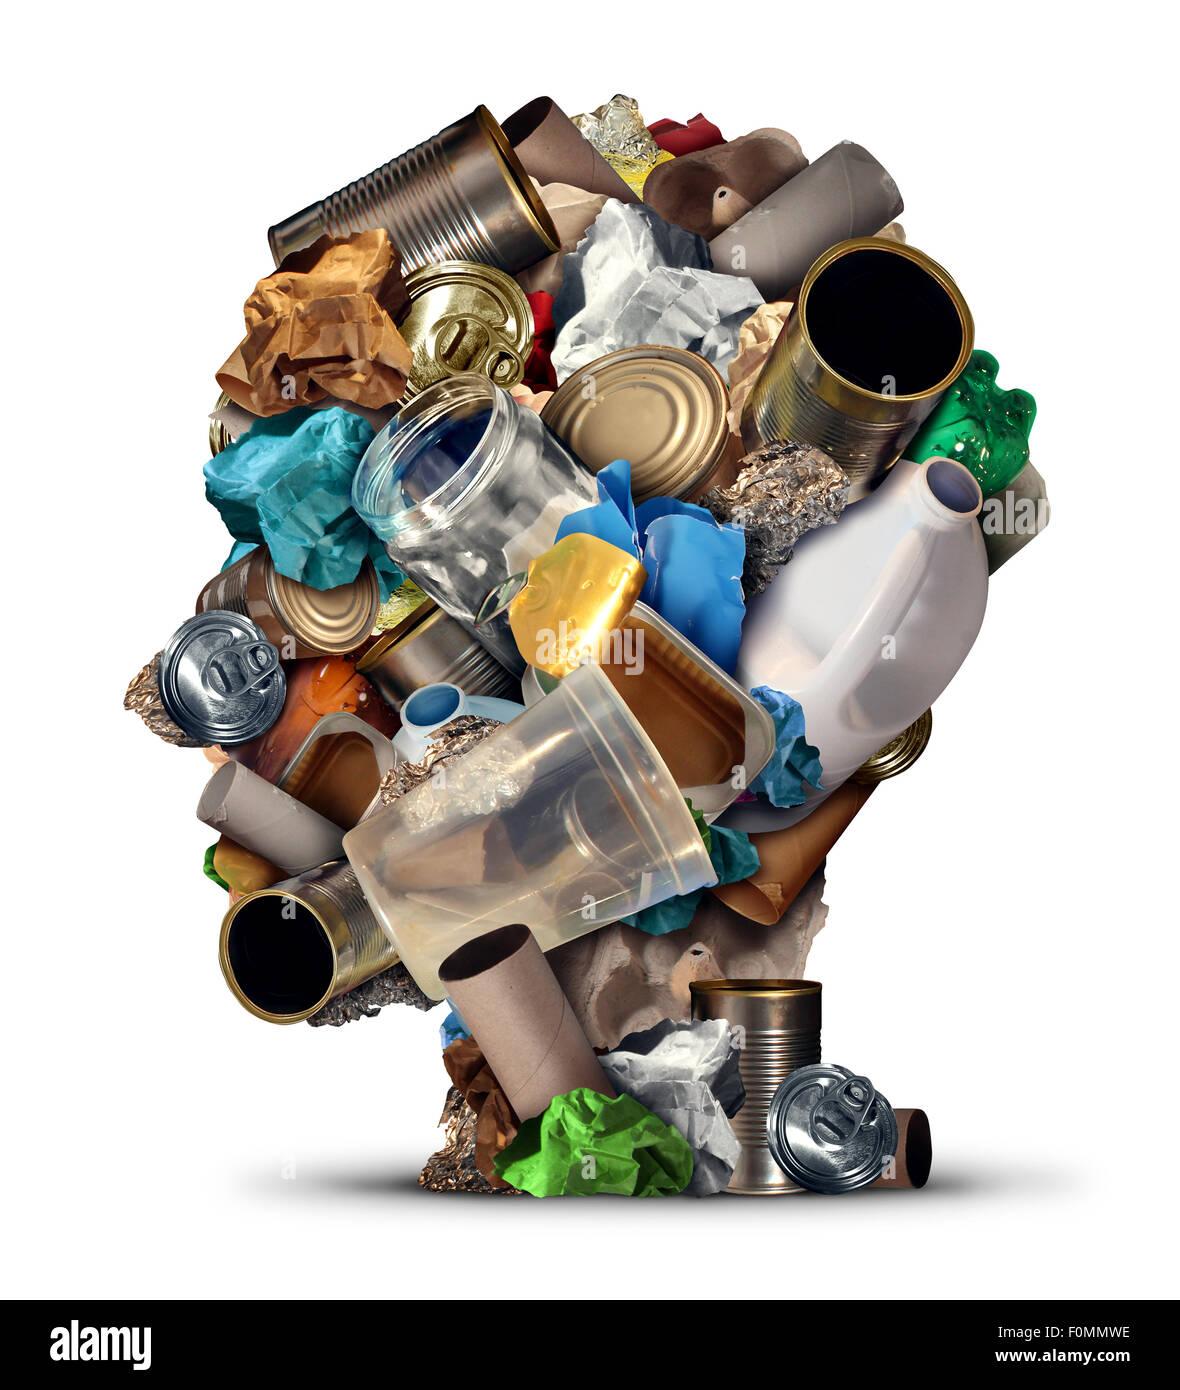 Recycling-Ideen und Umwelt Abfall-Management-Lösungen und kreative Möglichkeiten zur Wiederverwendung Stockbild